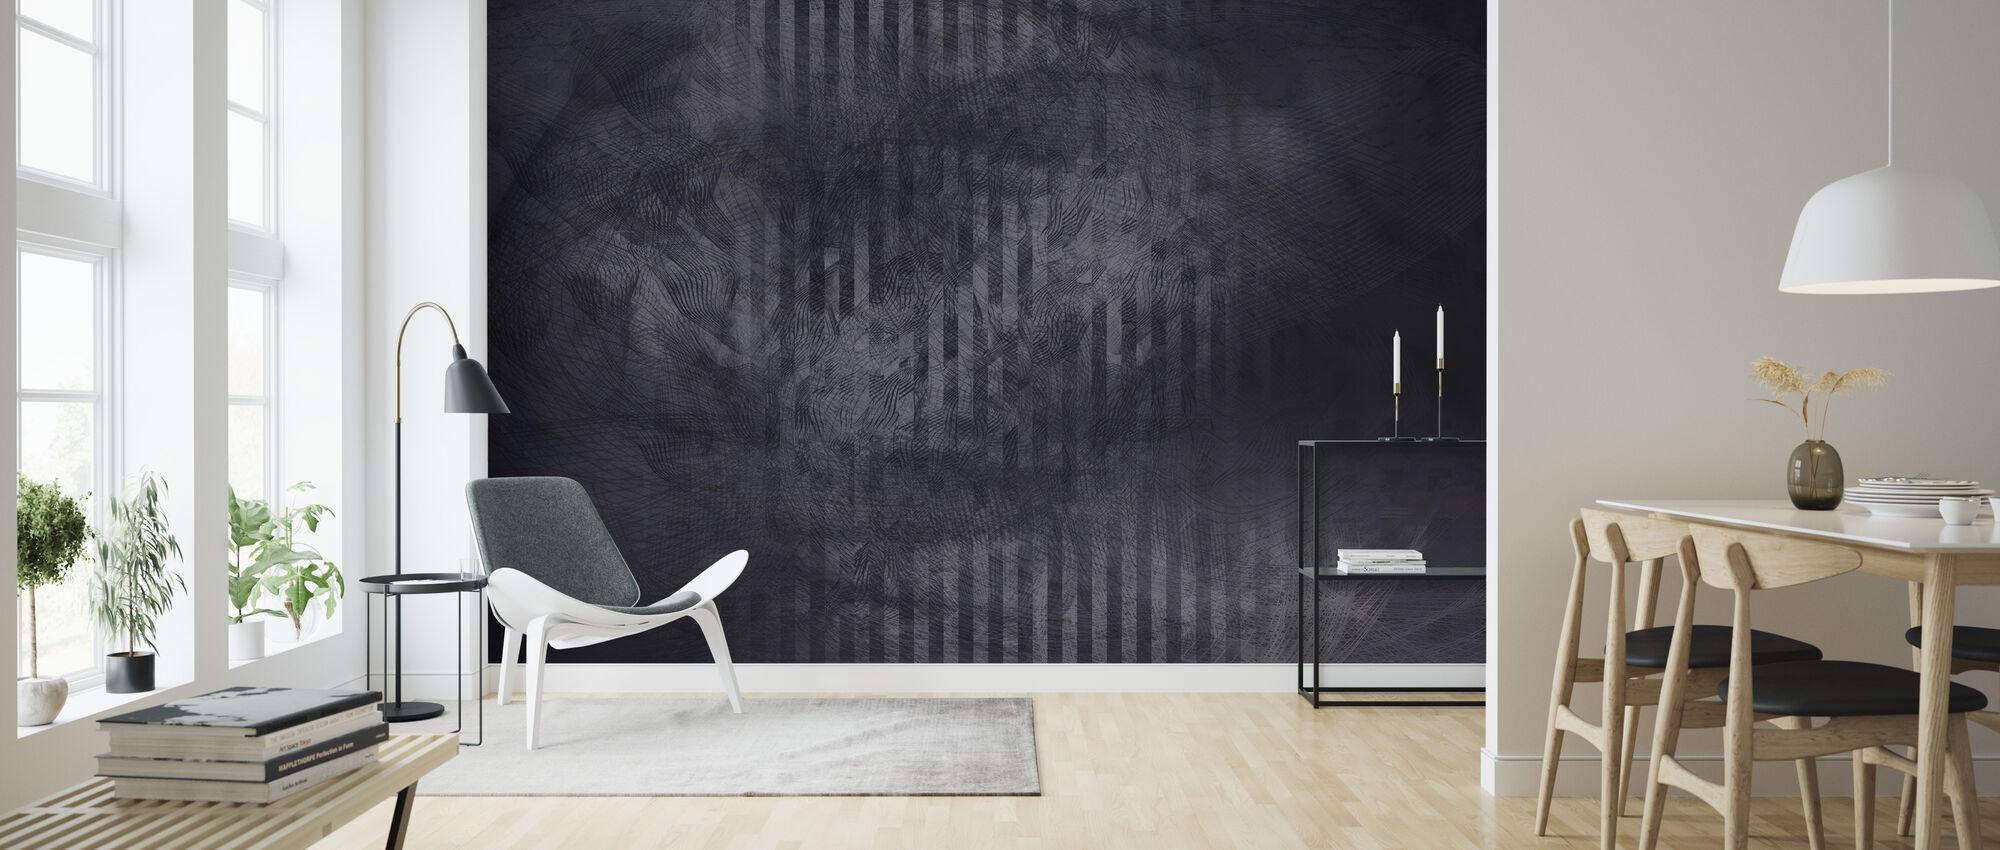 Specular Reflection - Dark - Wallpaper - Living Room